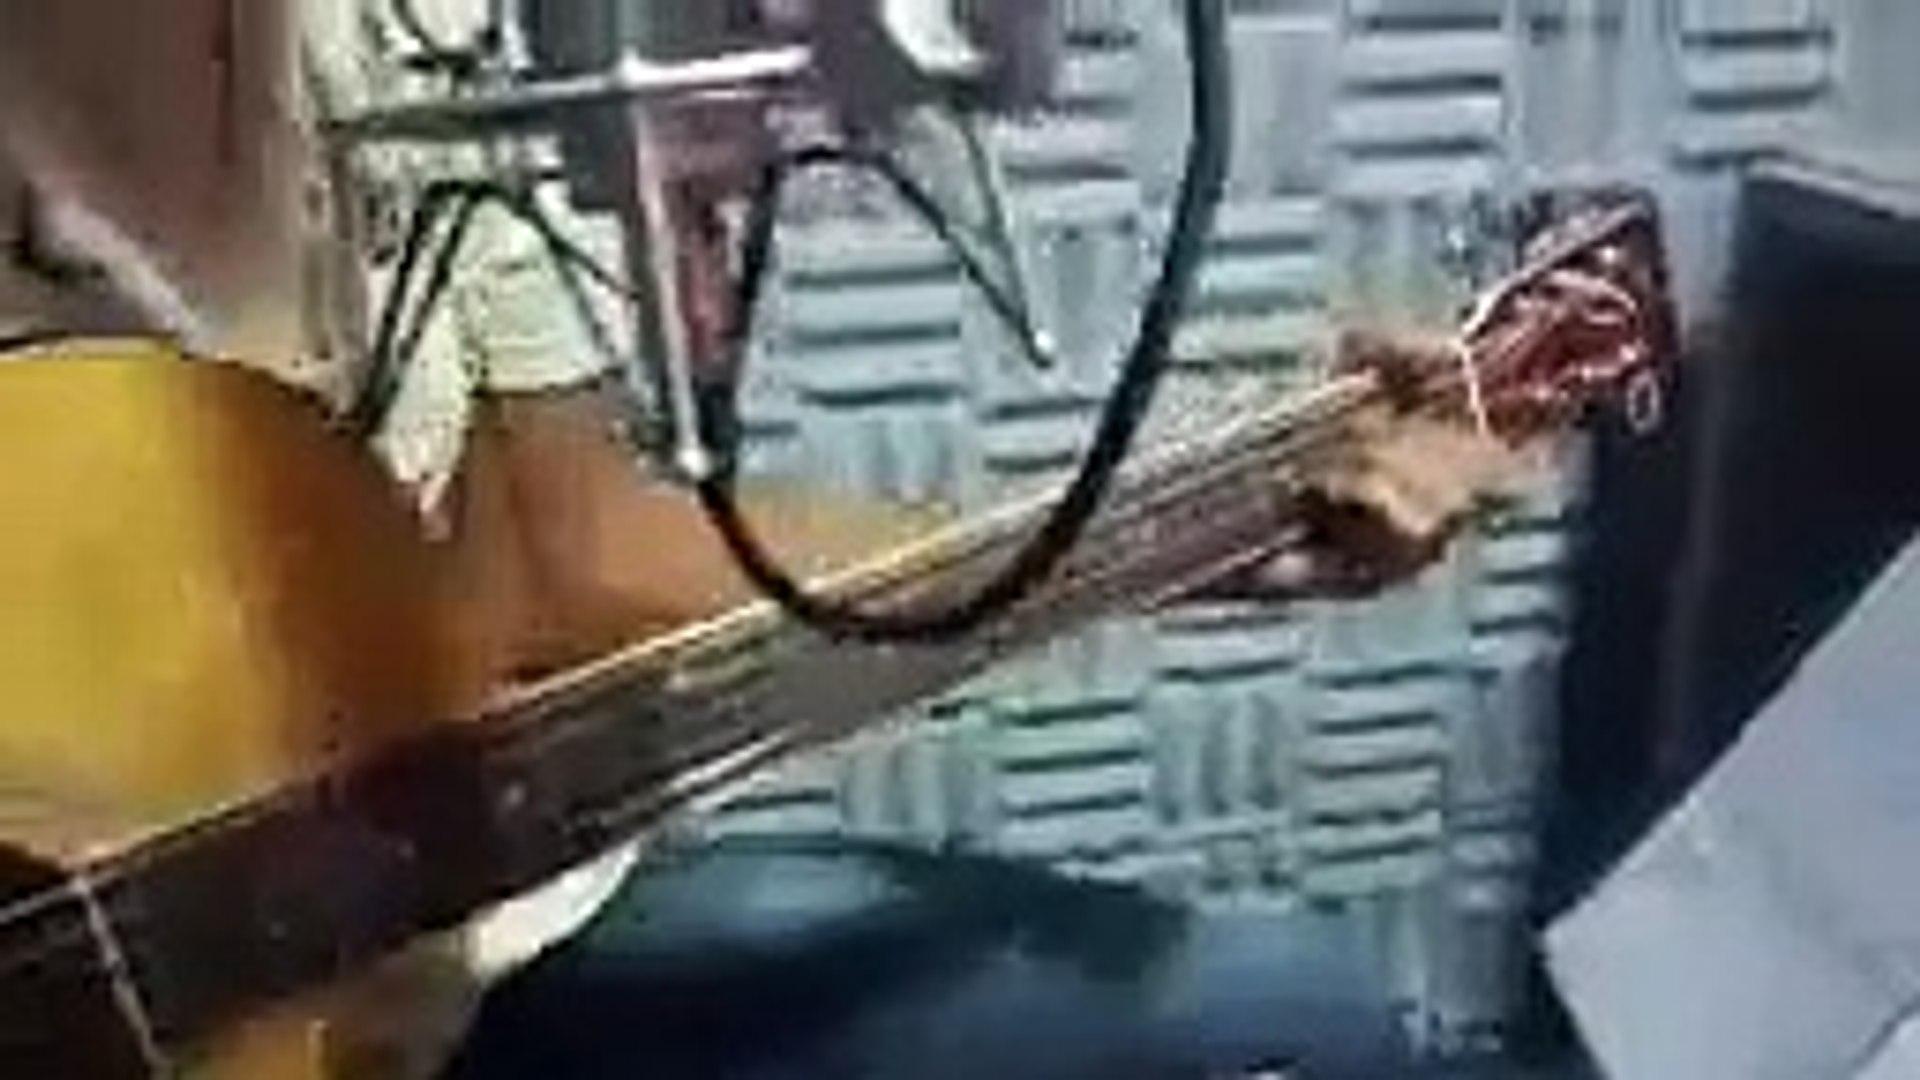 Rafael Salles cantando a música Nova York no modão Sertanejo 104.9 Itabaianinha Fm